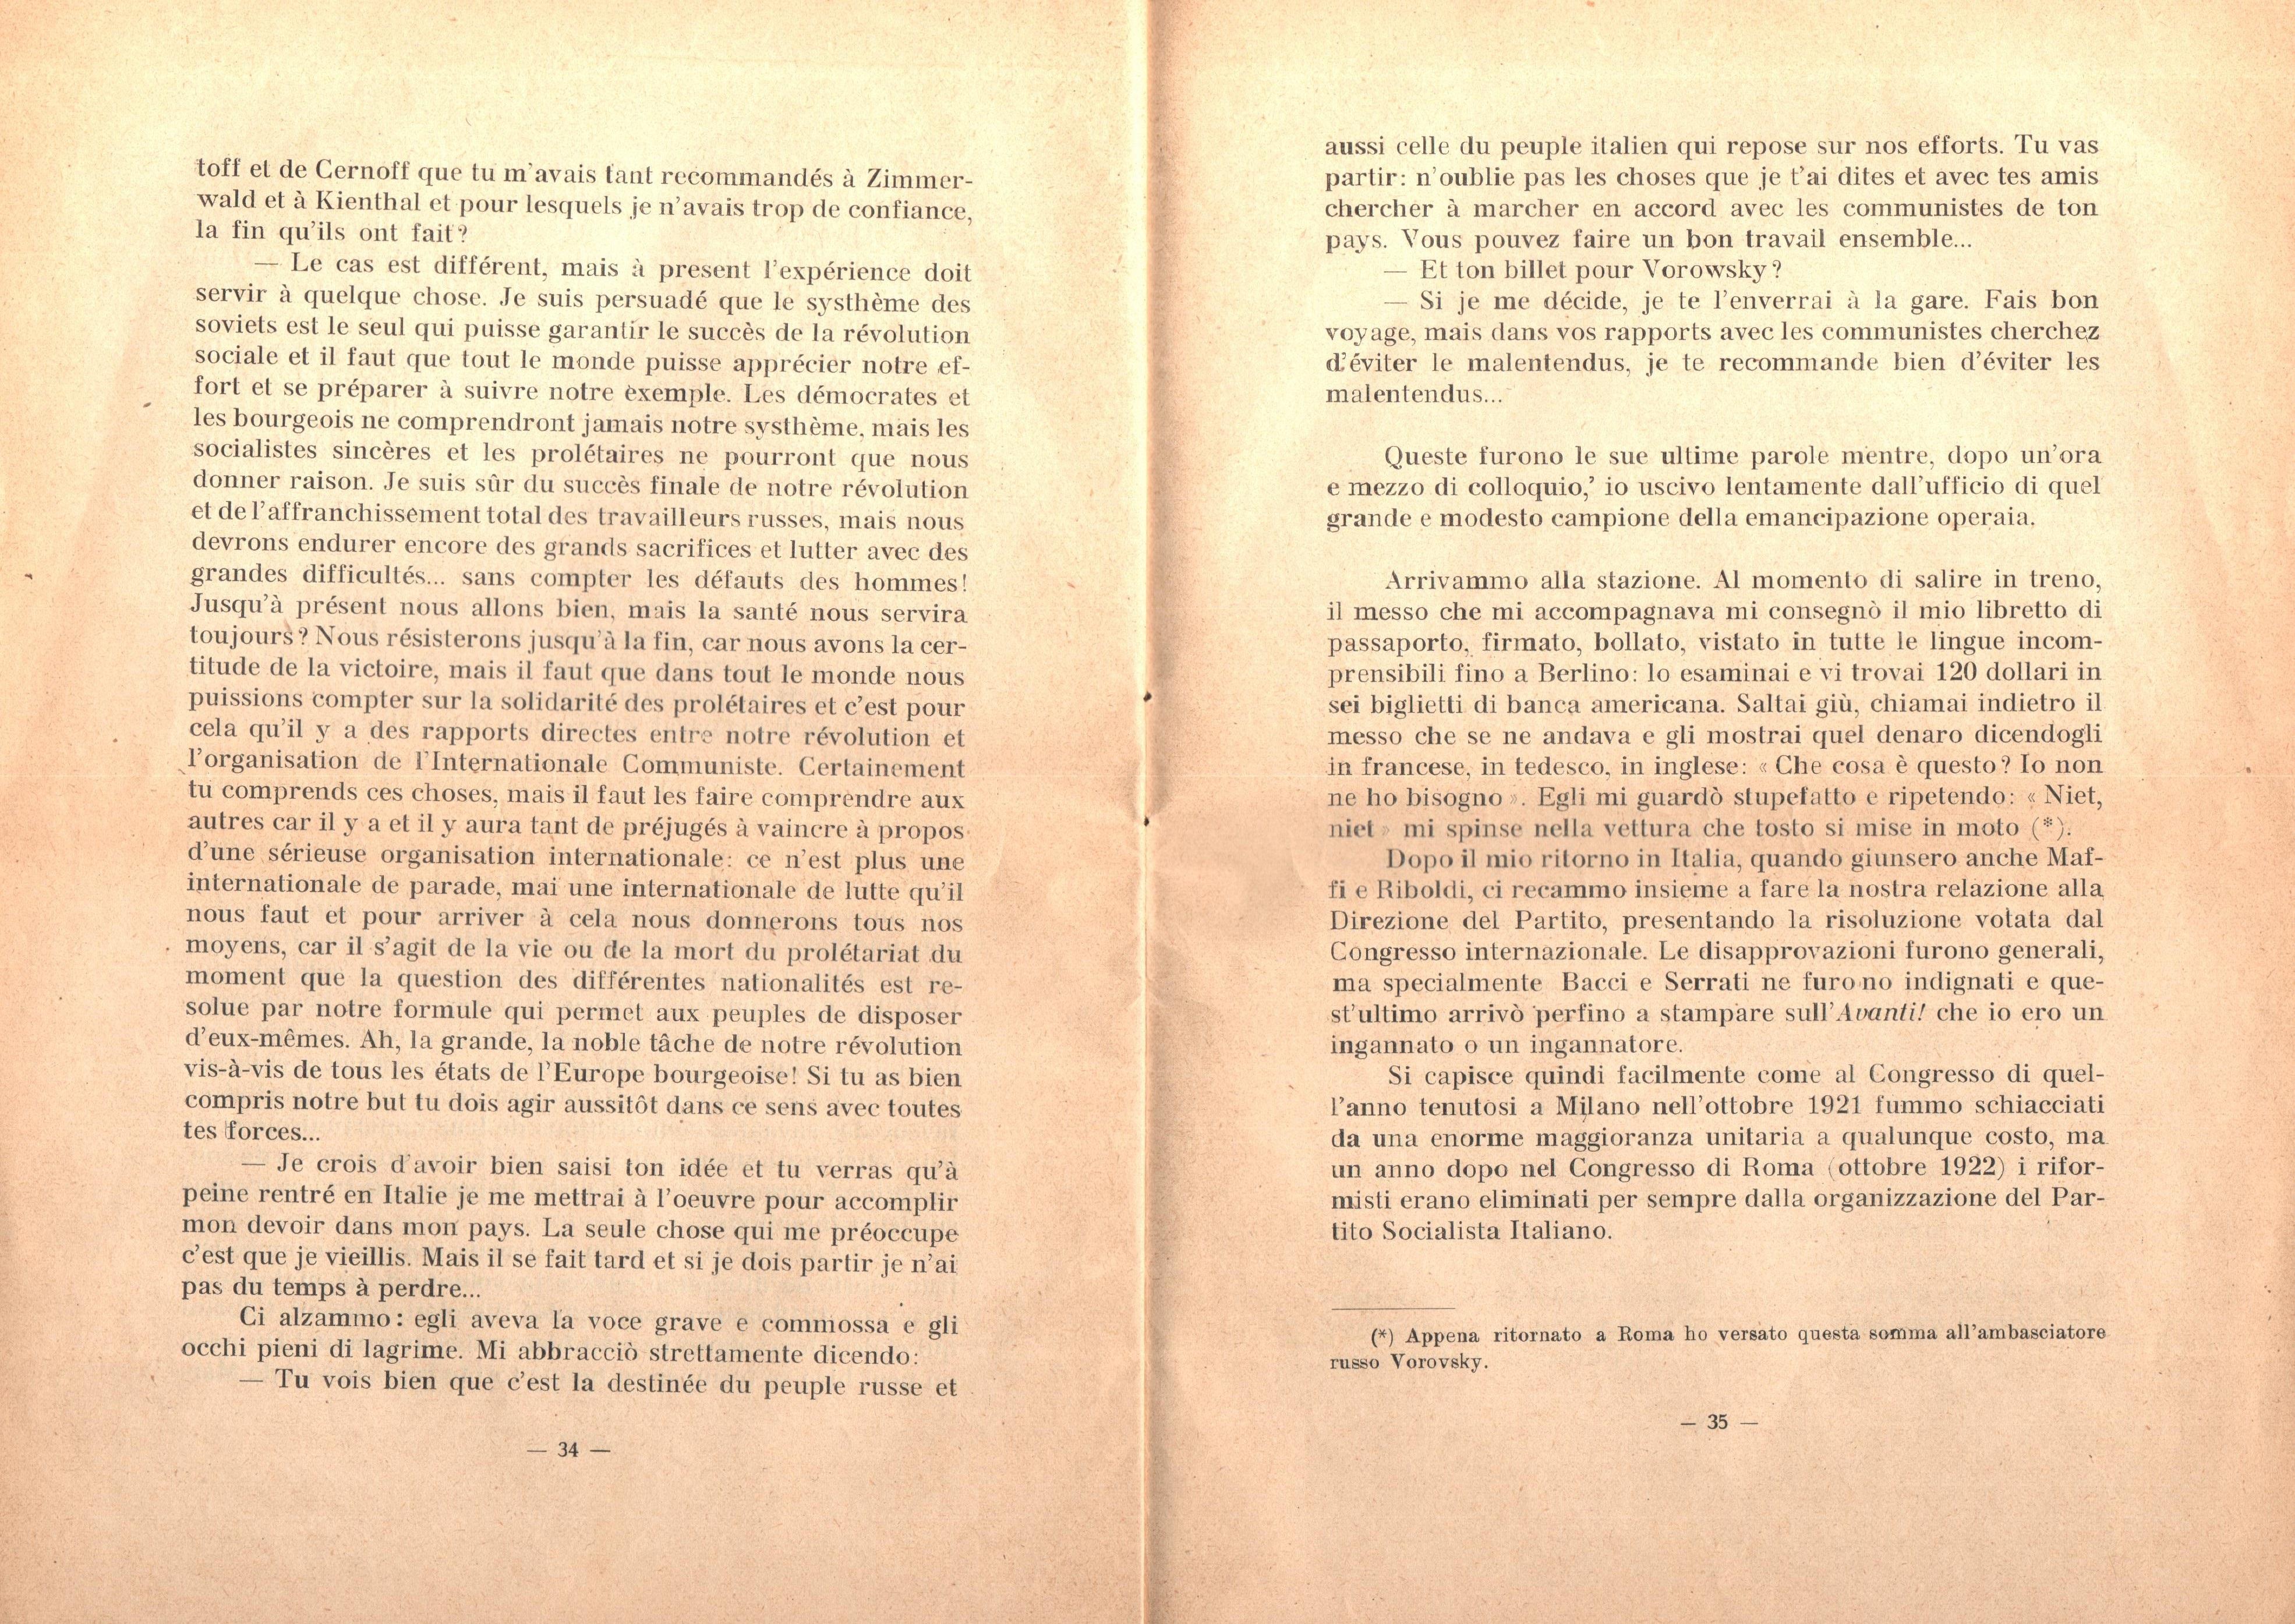 C. Lazzari, Il mio ultimo colloquio con Nicola Lenin - pag. 19